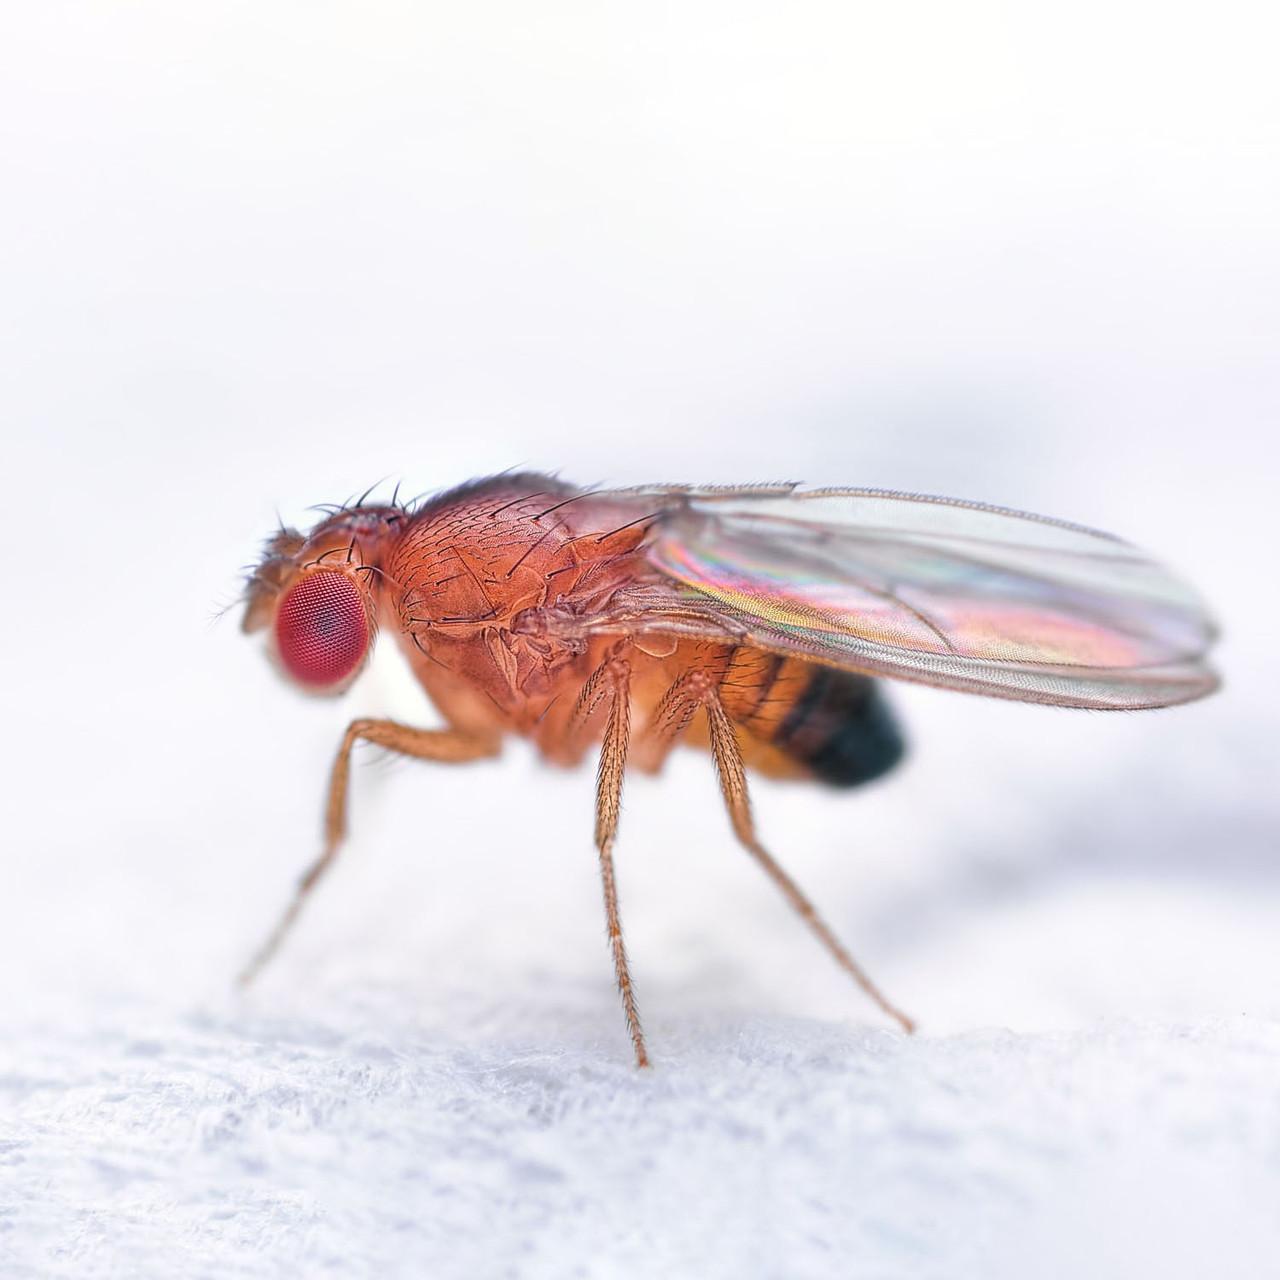 Drosophila, vestigial wing, live